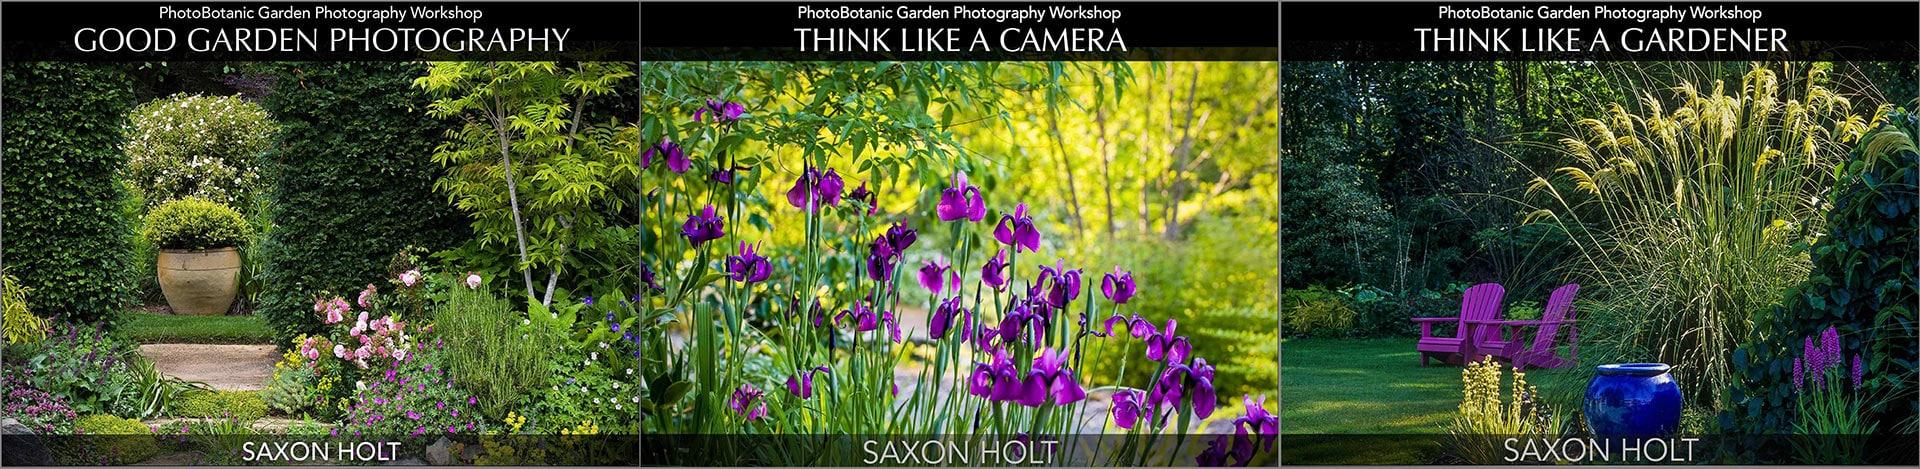 Good Garden Photography eBook cover